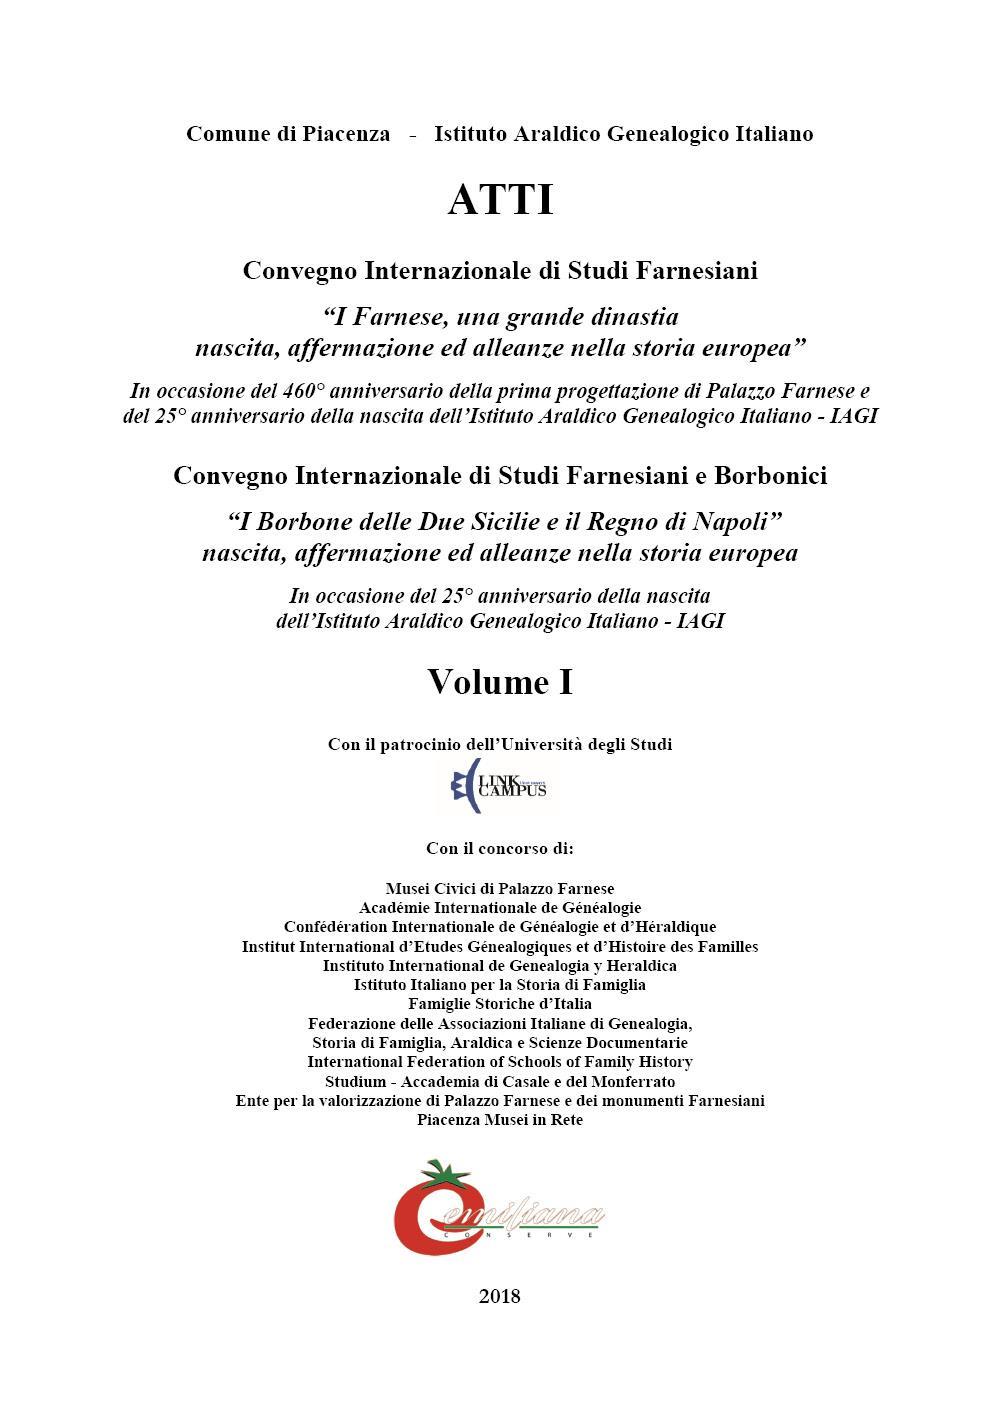 """Convegno Internazionale di Studi Farnesiani e Borbonici Vol I: """"Farnese e i Borbone delle Due Sicilie, Re di Napoli"""""""